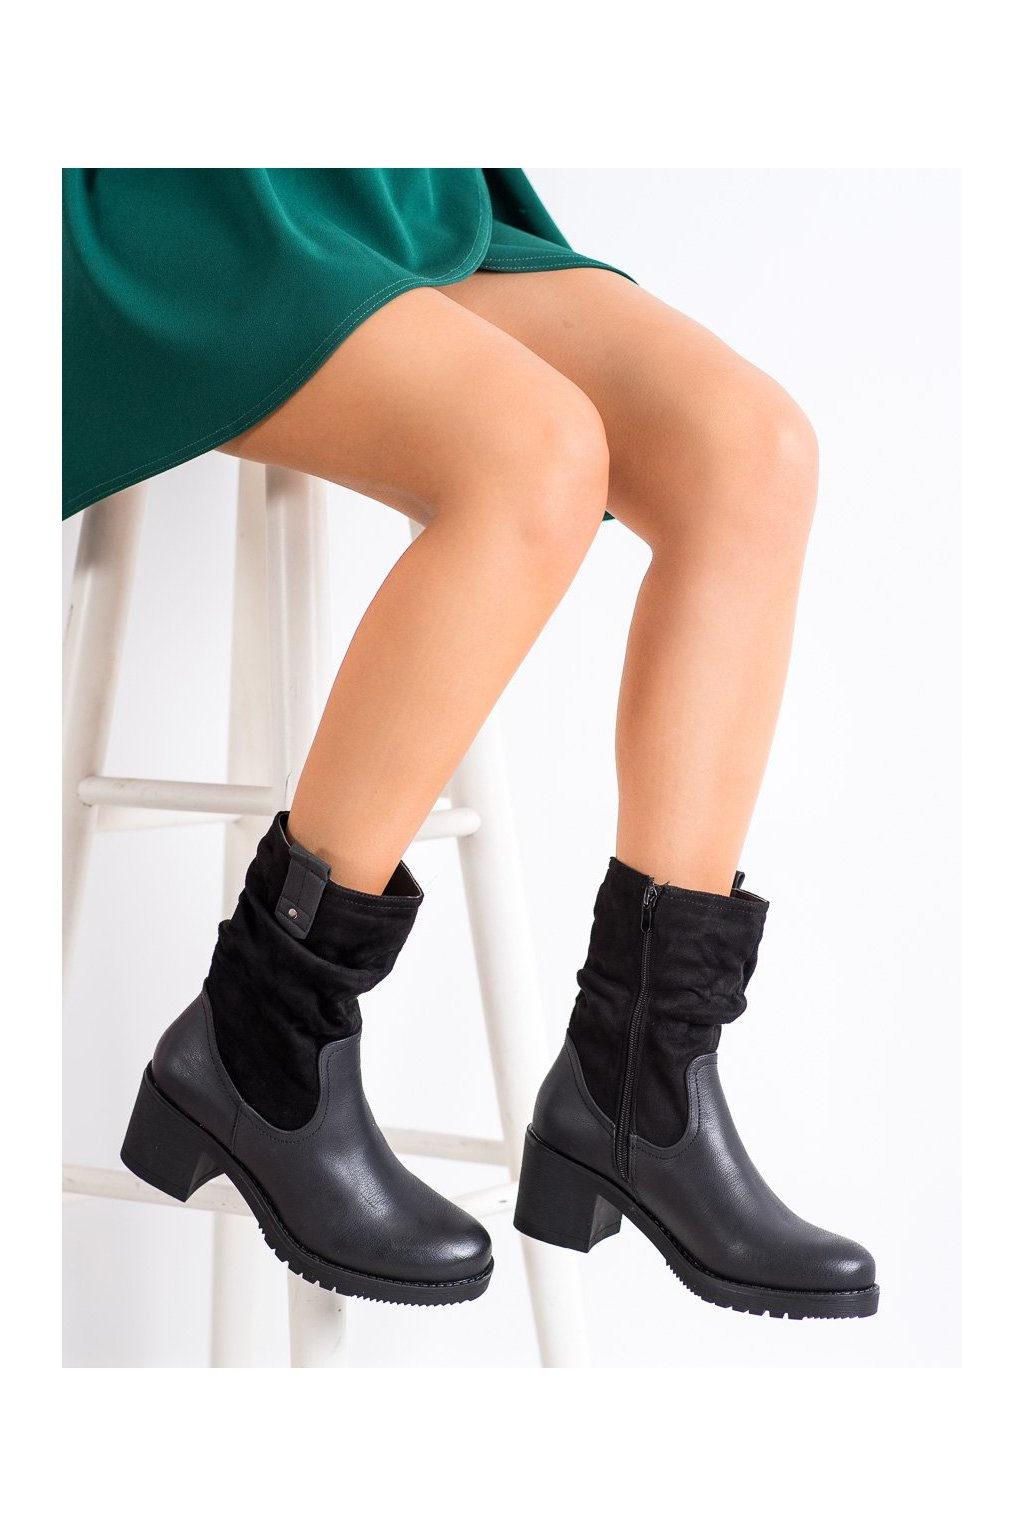 Čierne dámske topánky Flyfor kod J19-51B